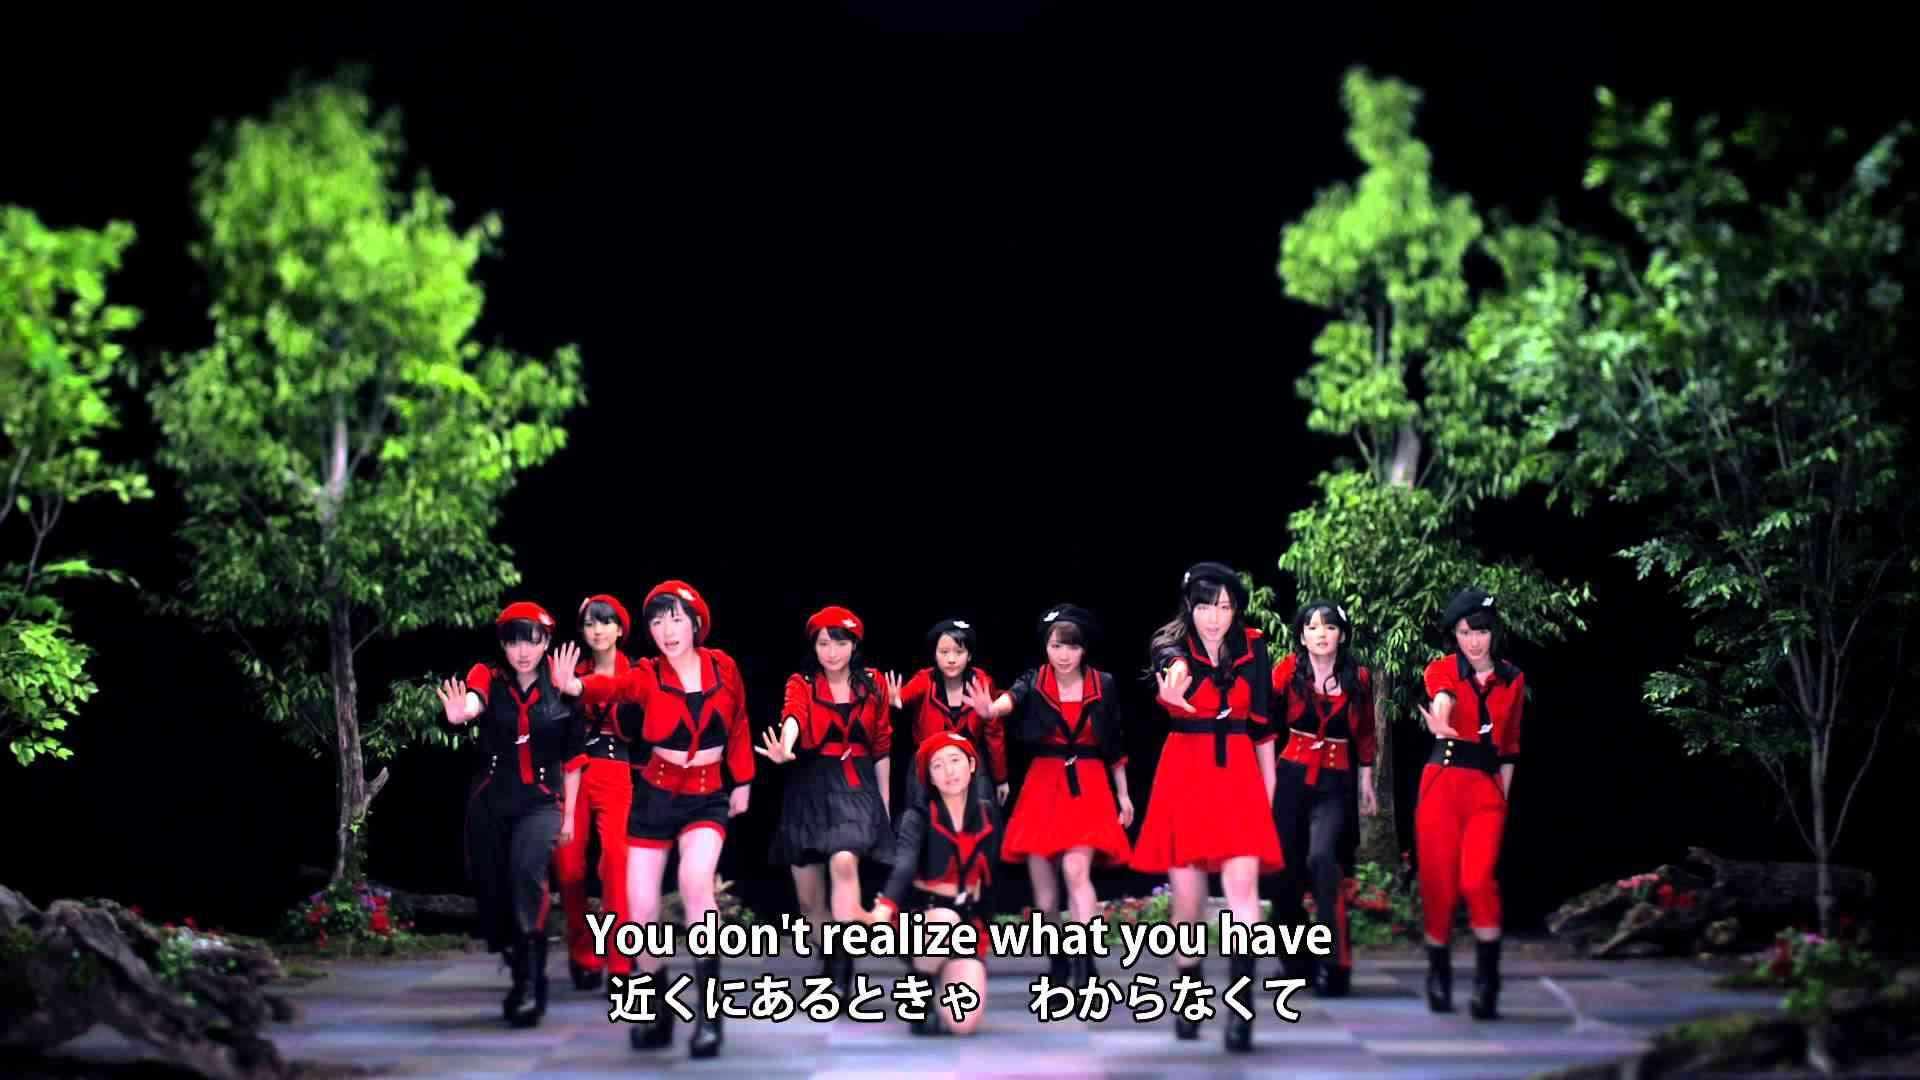 """モーニング娘。 『愛の軍団』(Morning Musume。[""""GUNDAN"""" of the love]) (Dance Shot Ver.) - YouTube"""